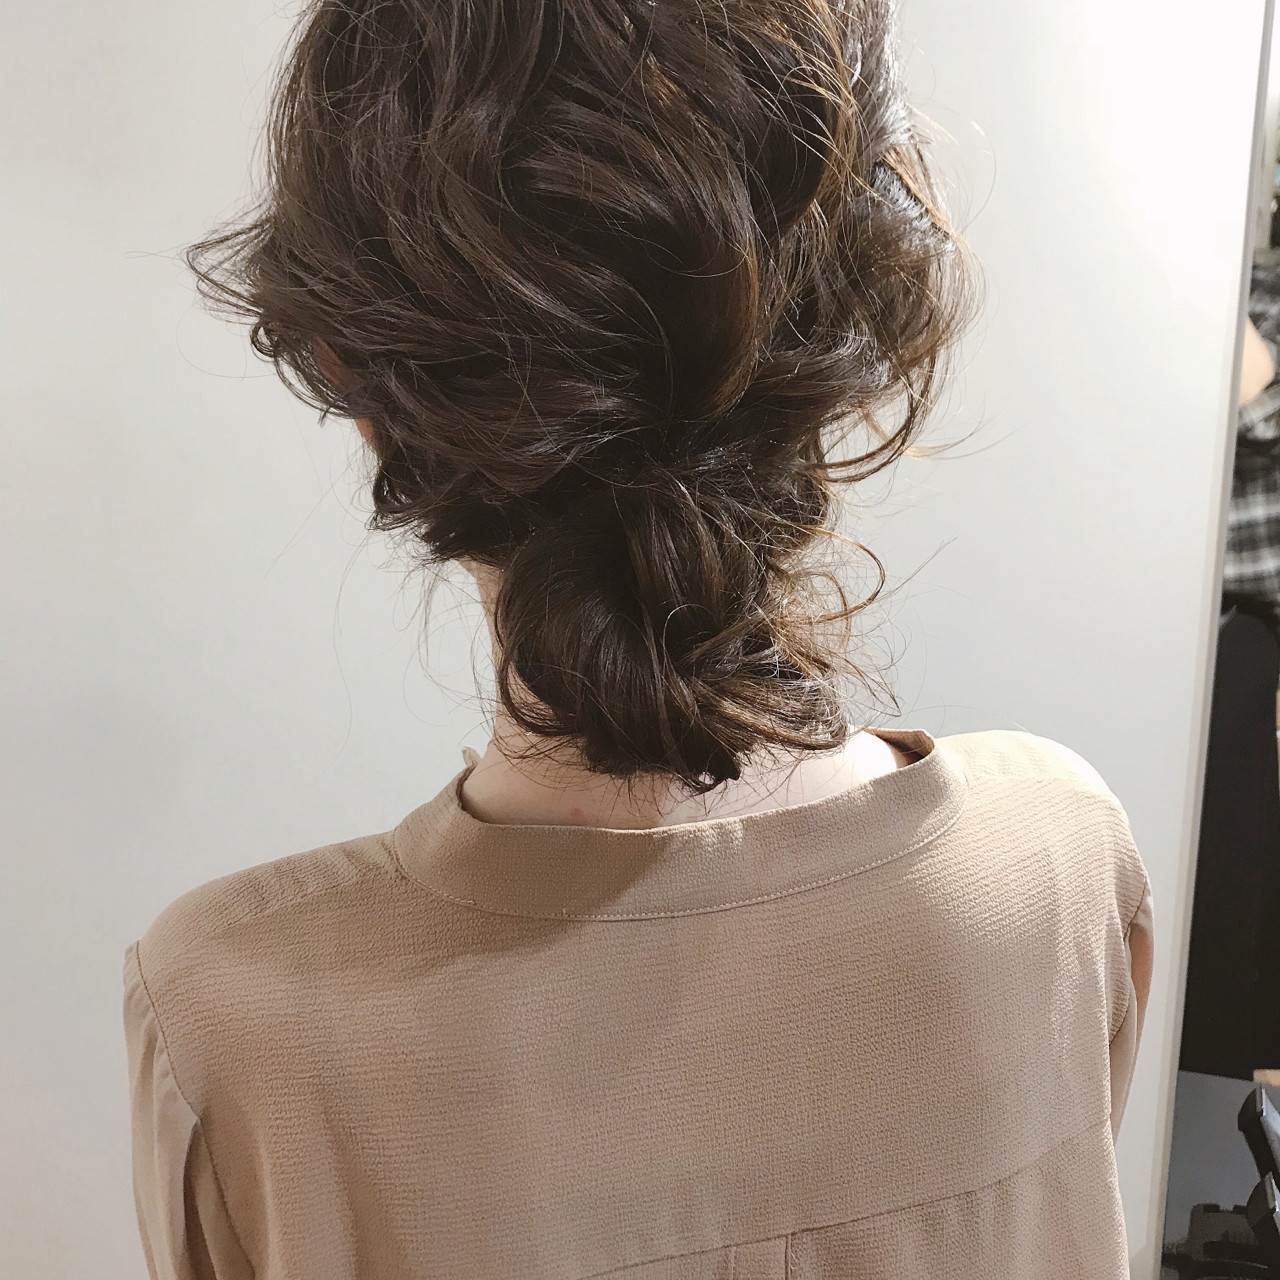 パーティ ミディアム 女子力 デート ヘアスタイルや髪型の写真・画像